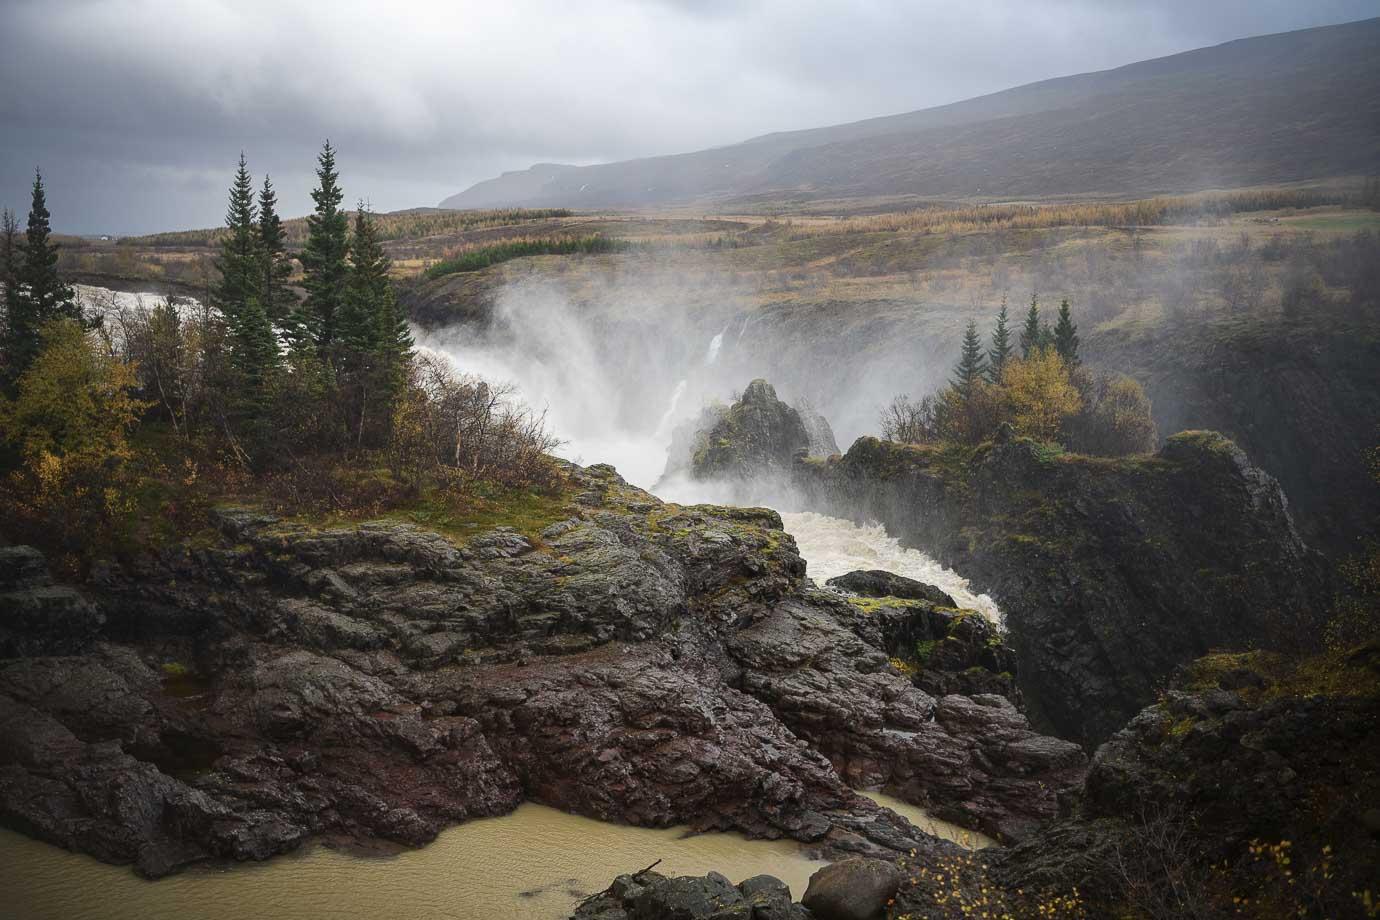 007 landscape